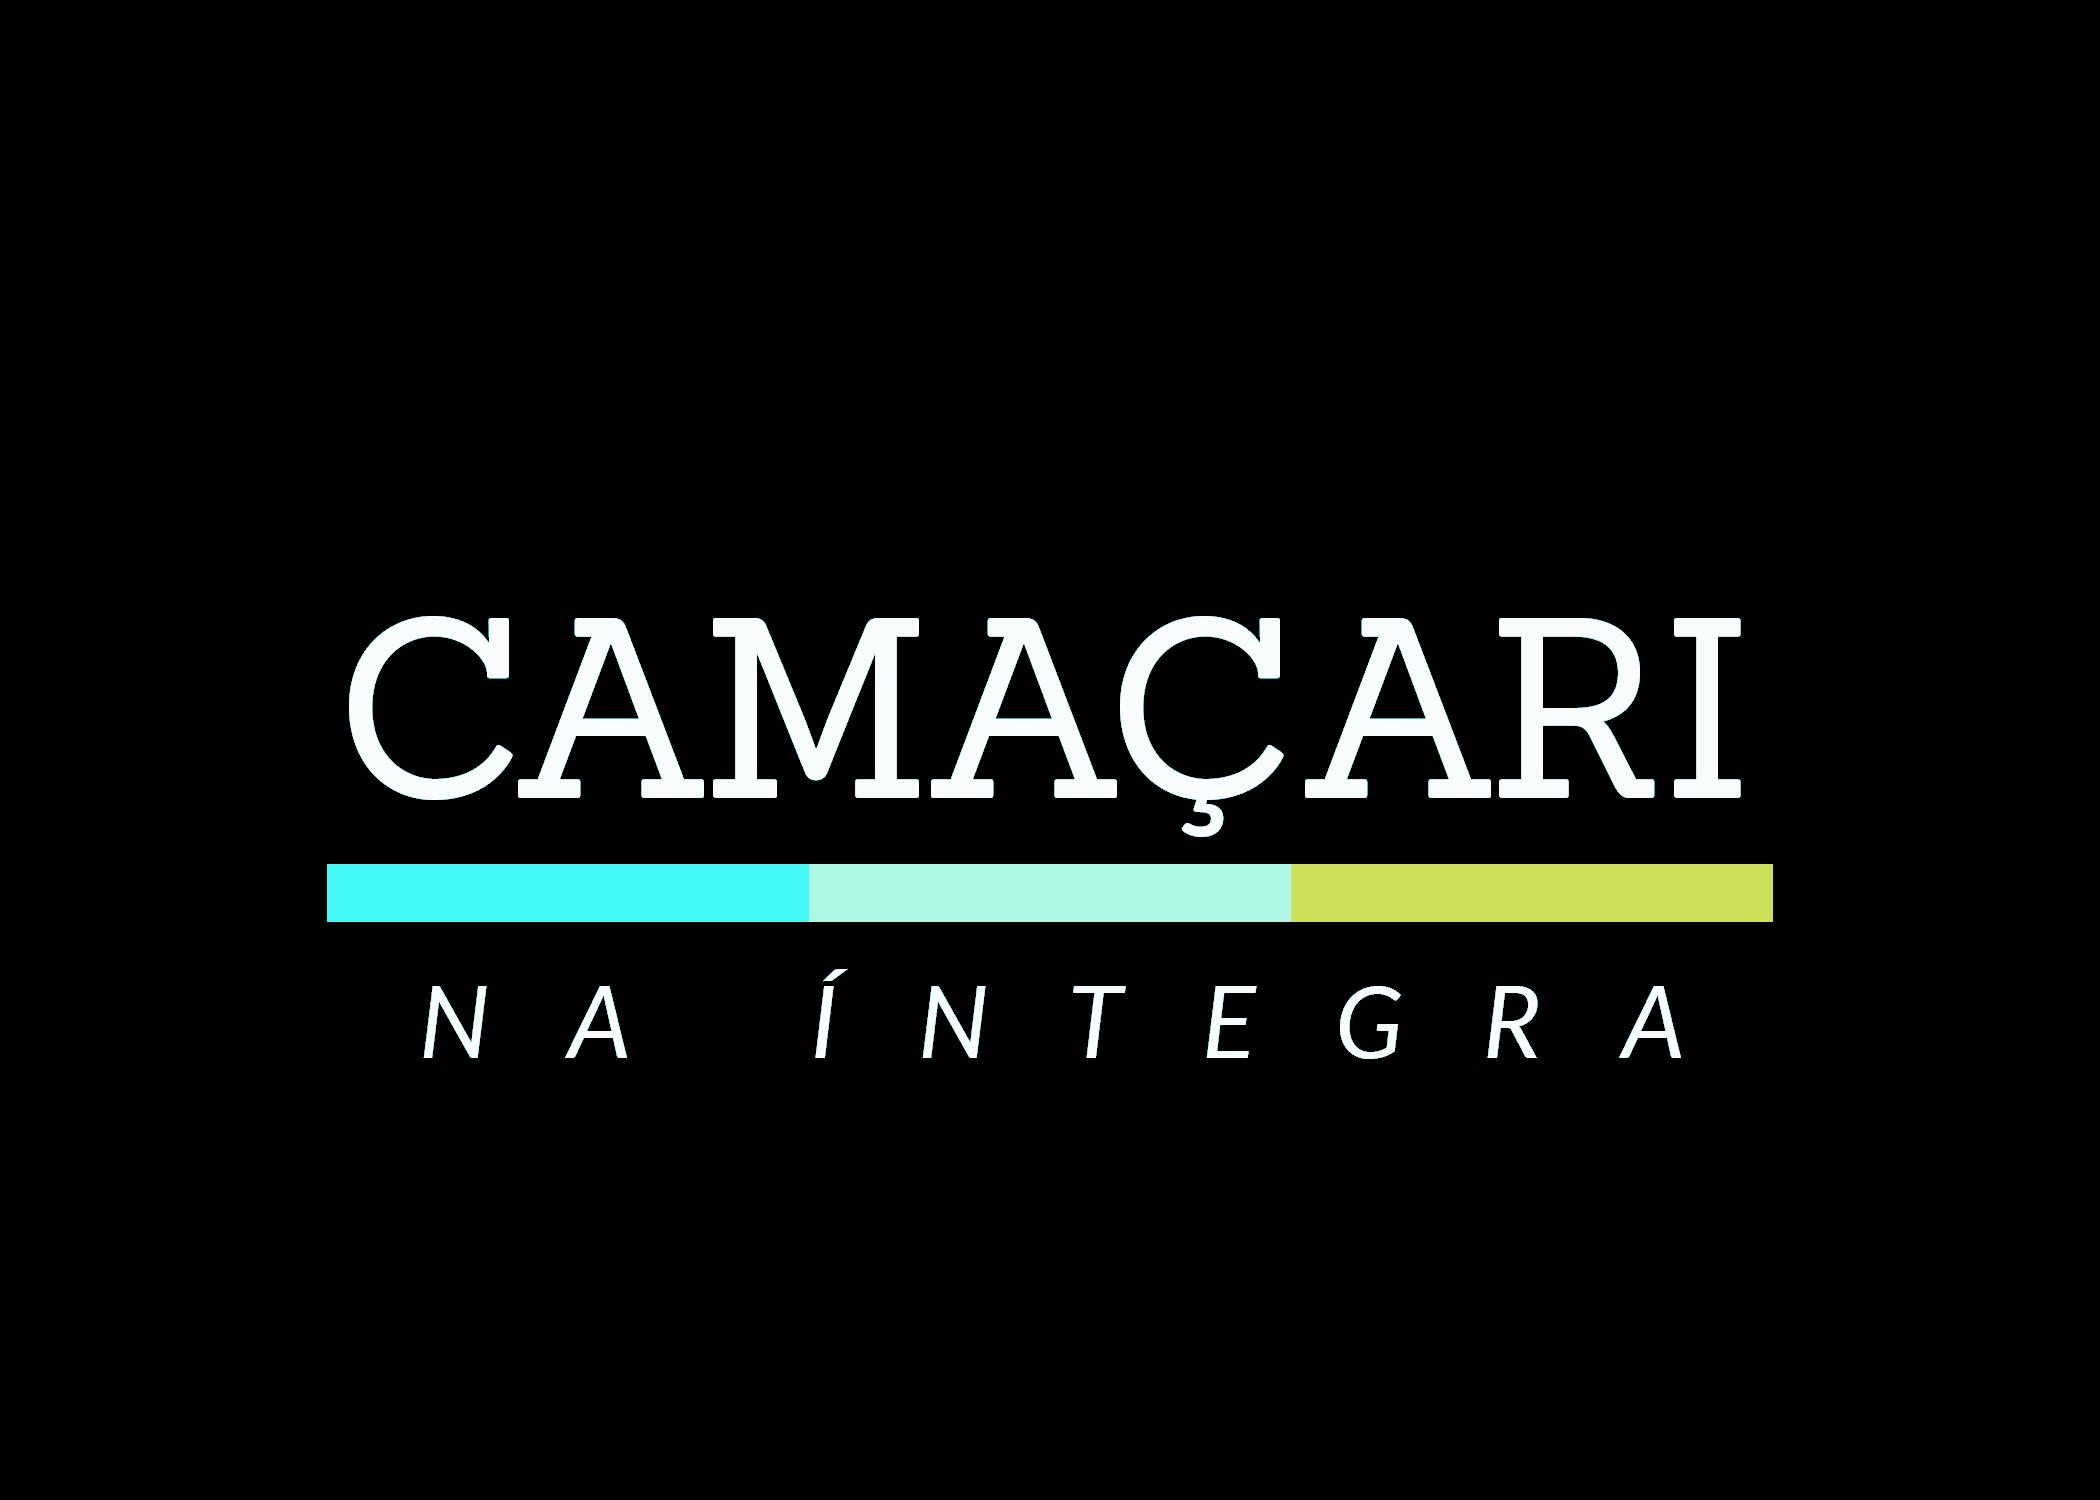 CAMAÇARI NA ÍNTEGRA